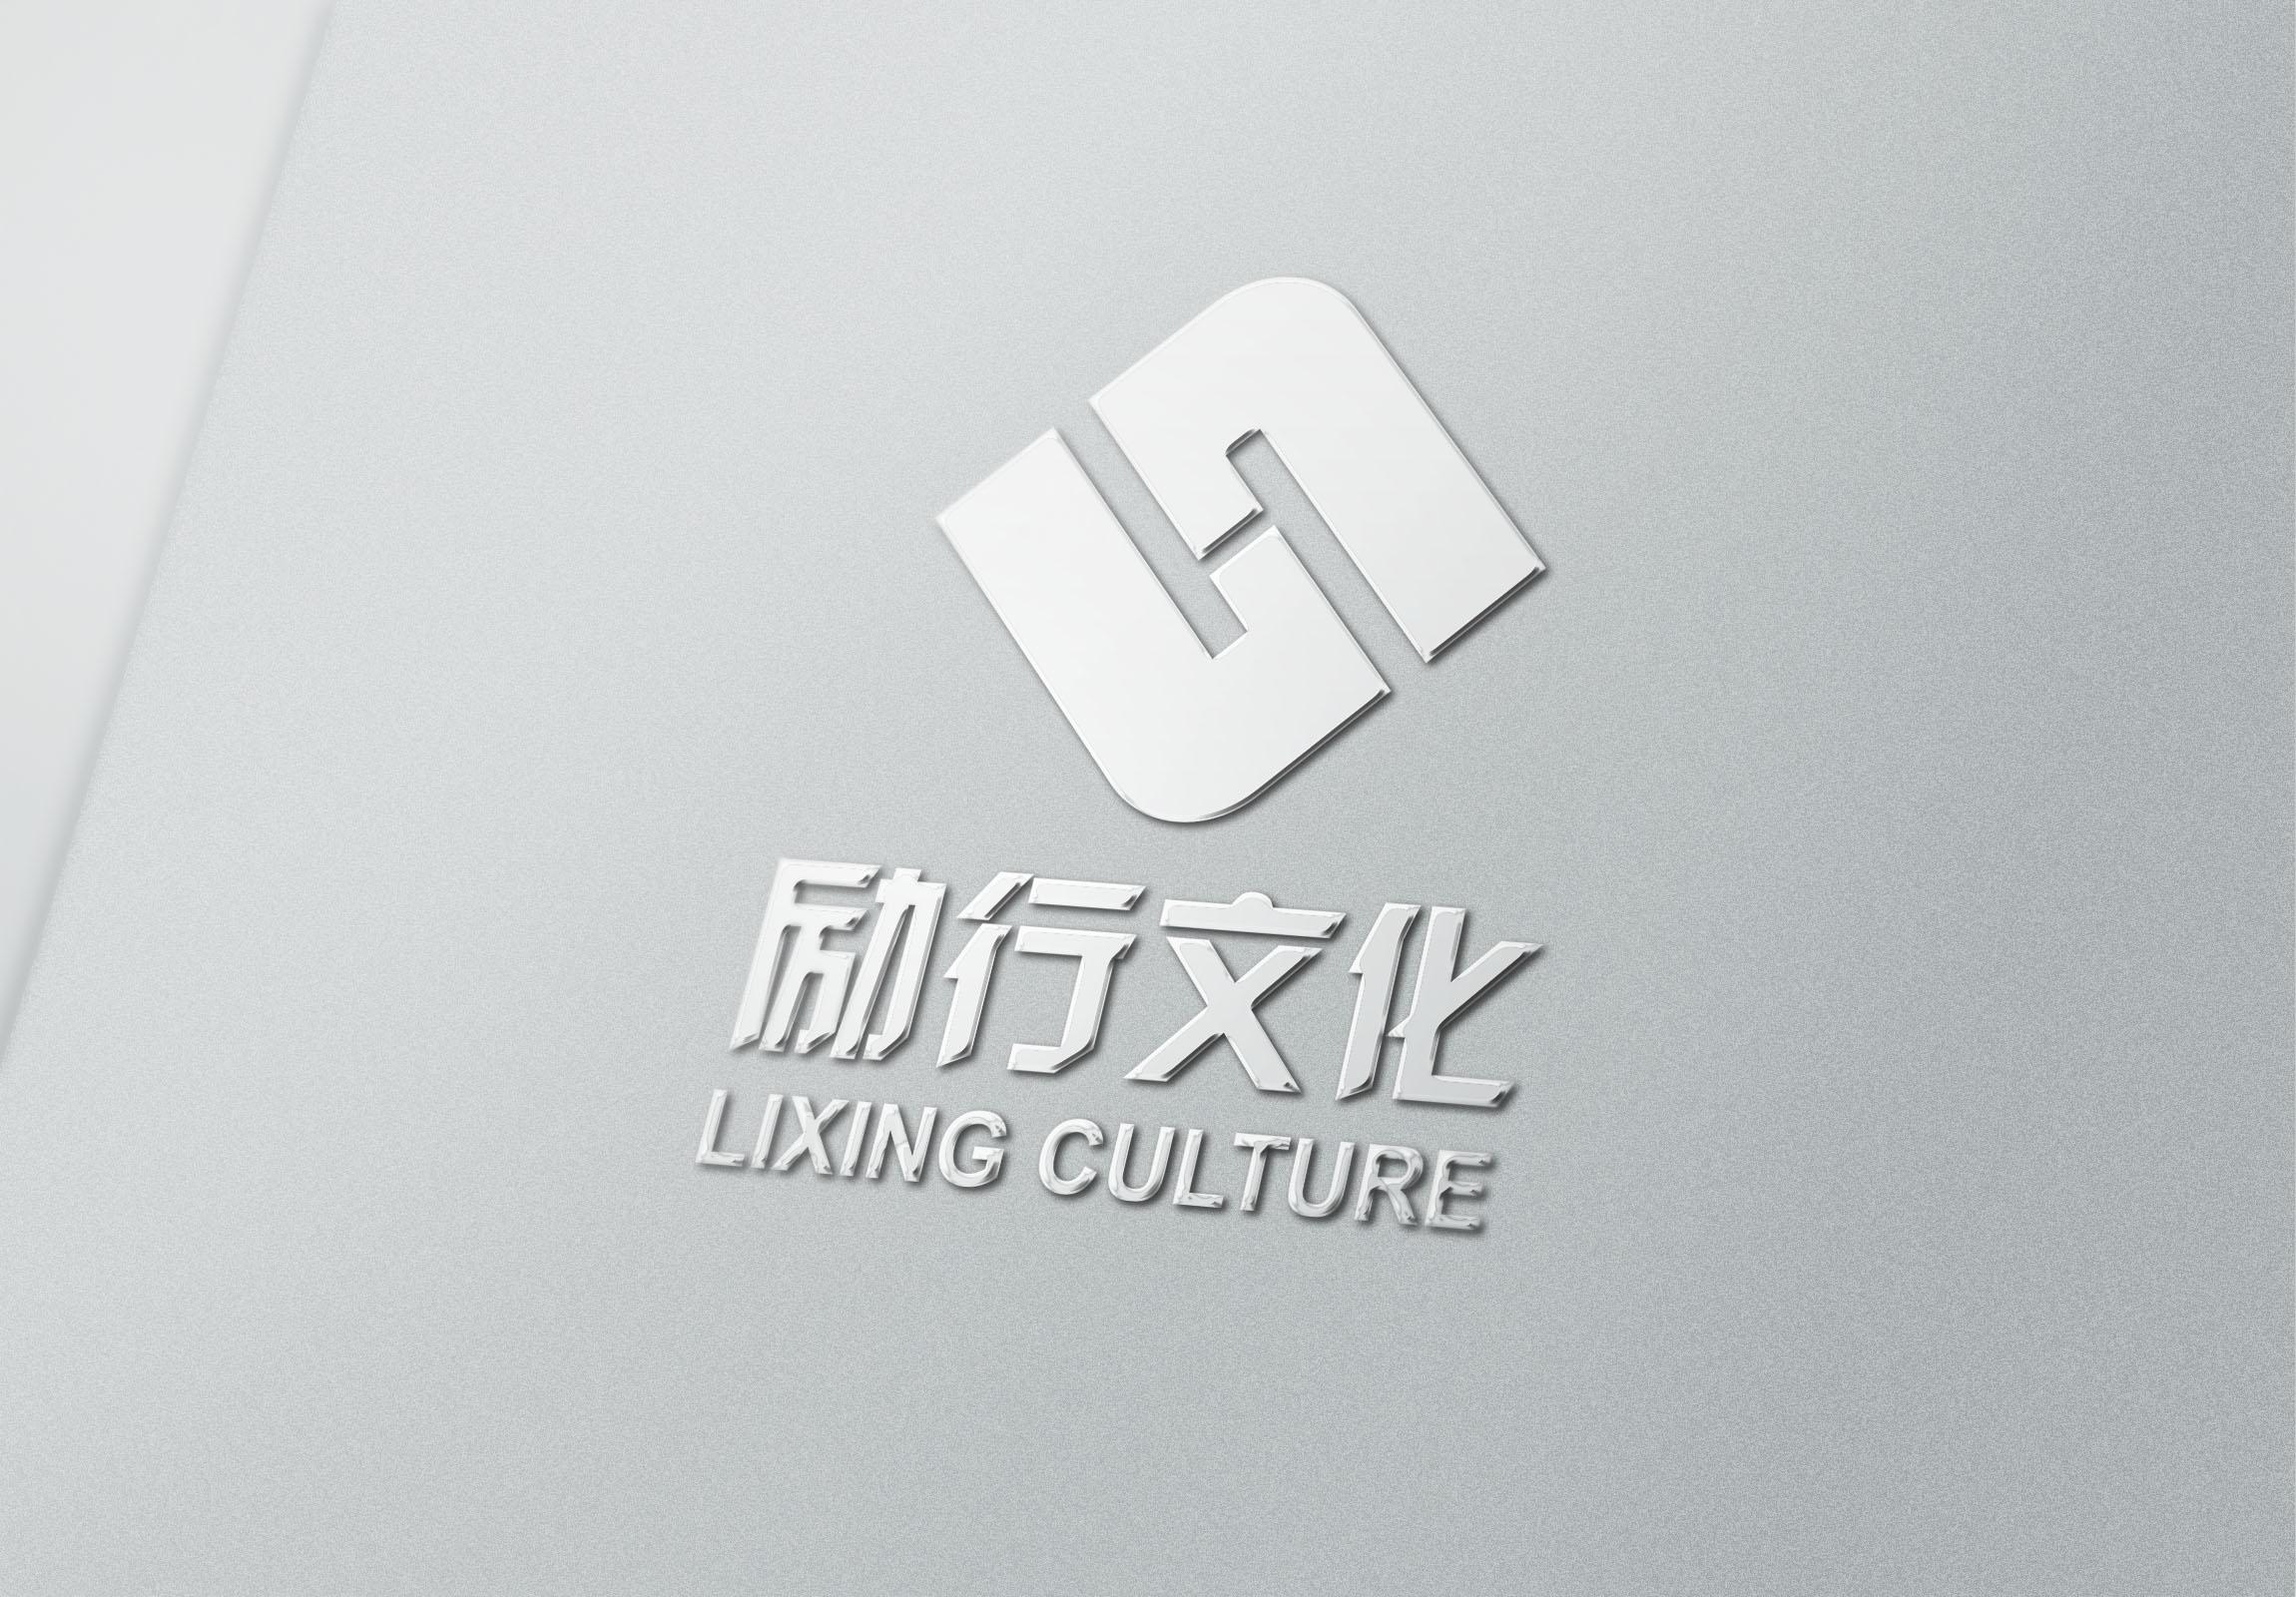 励行文化科技有限公司_3035863_k68威客网